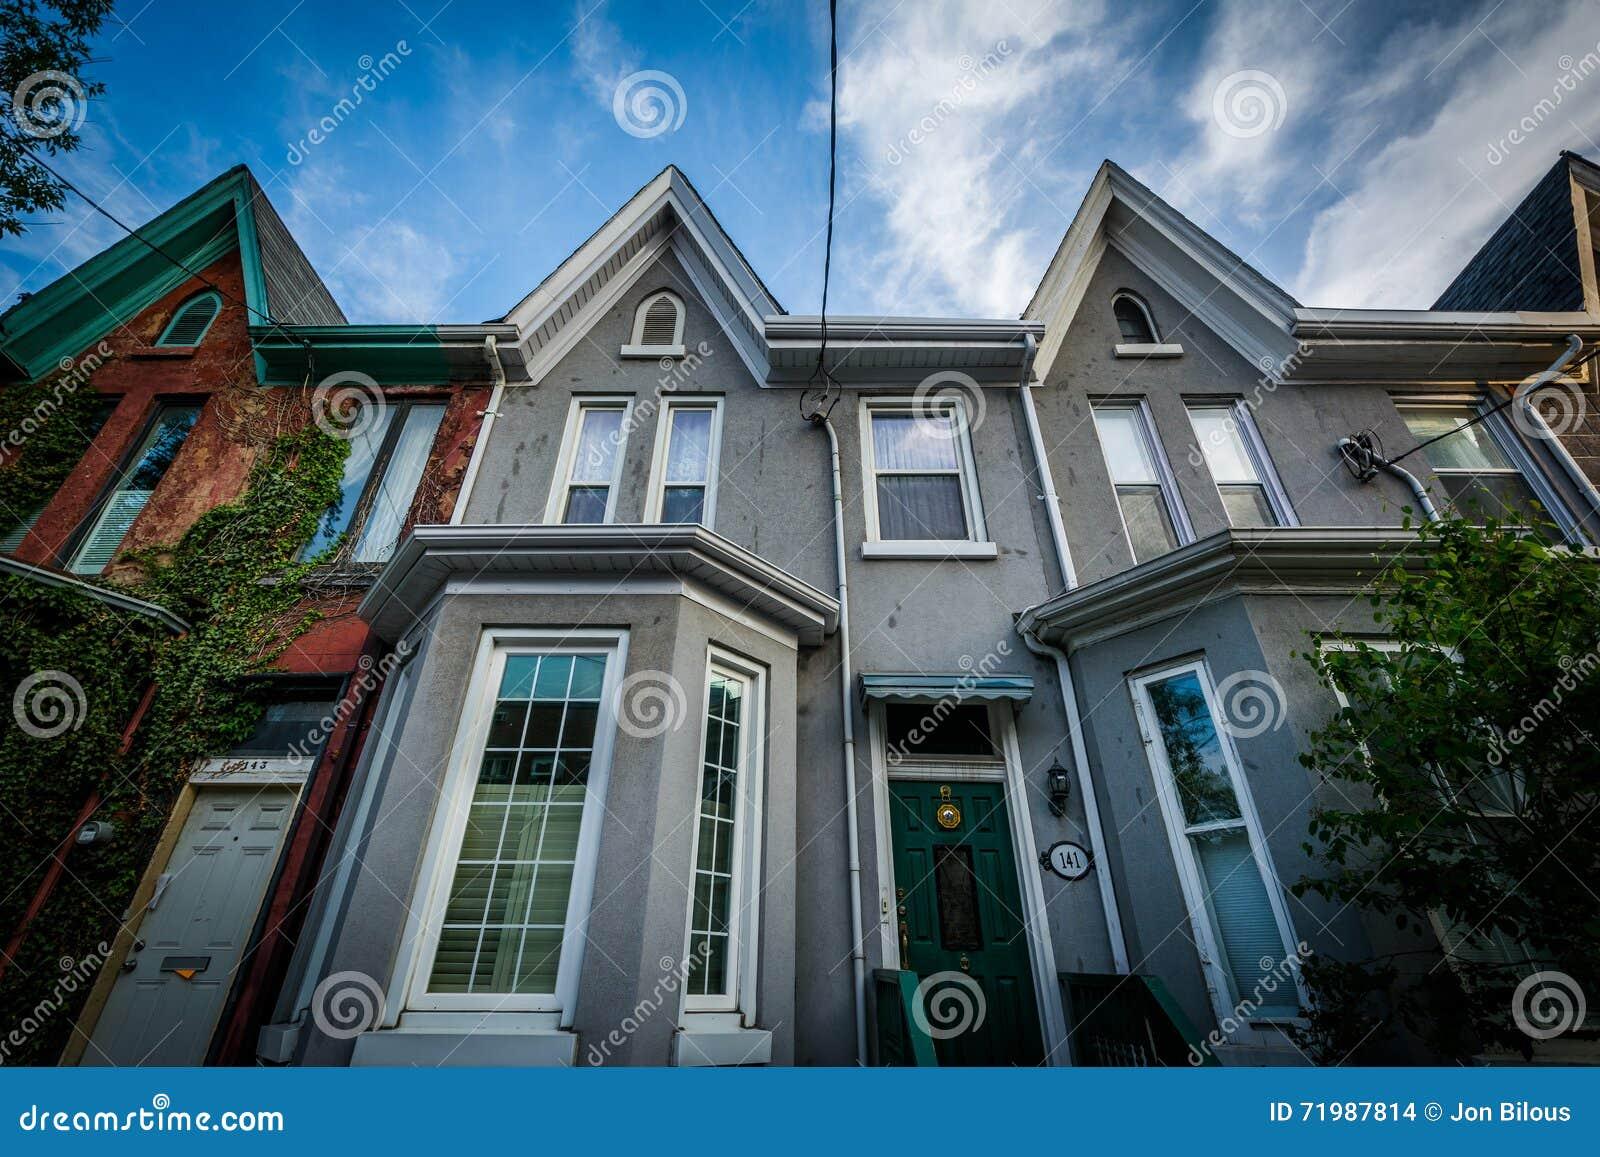 Row houses in the Garden District, Toronto, Ontario.